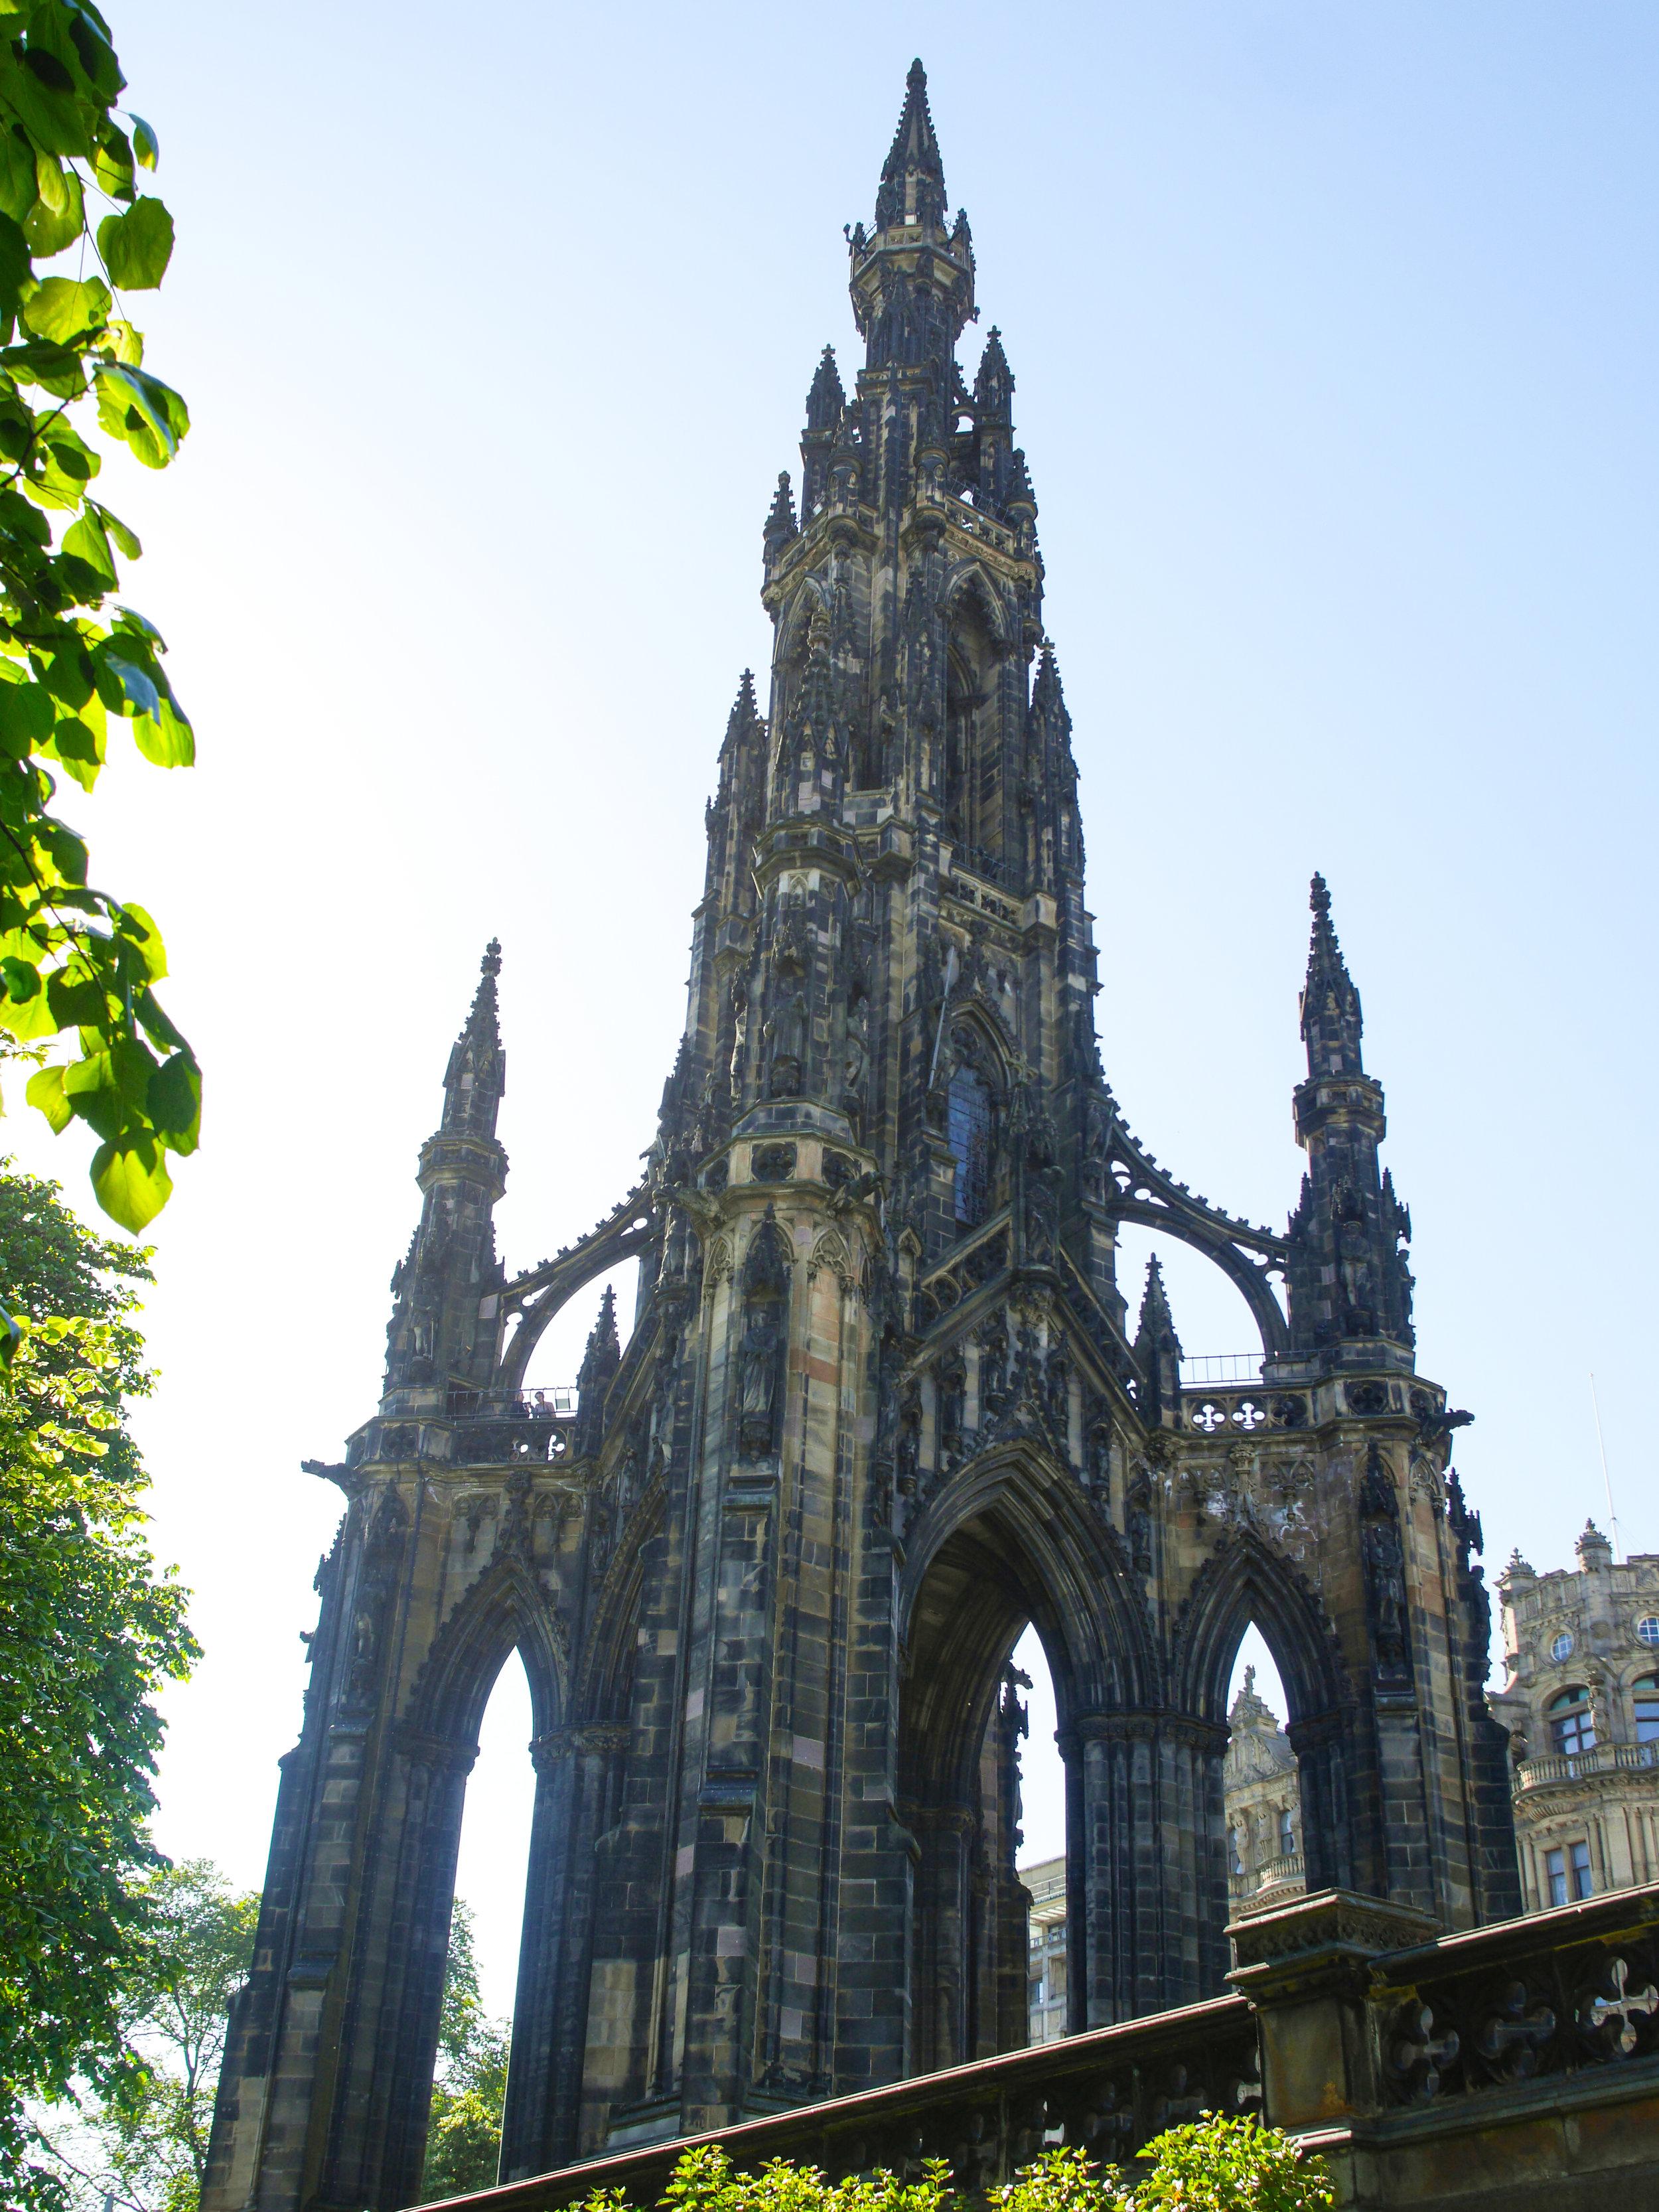 Scott Monument in Princes Street Gardens in Edinburgh, Scotland